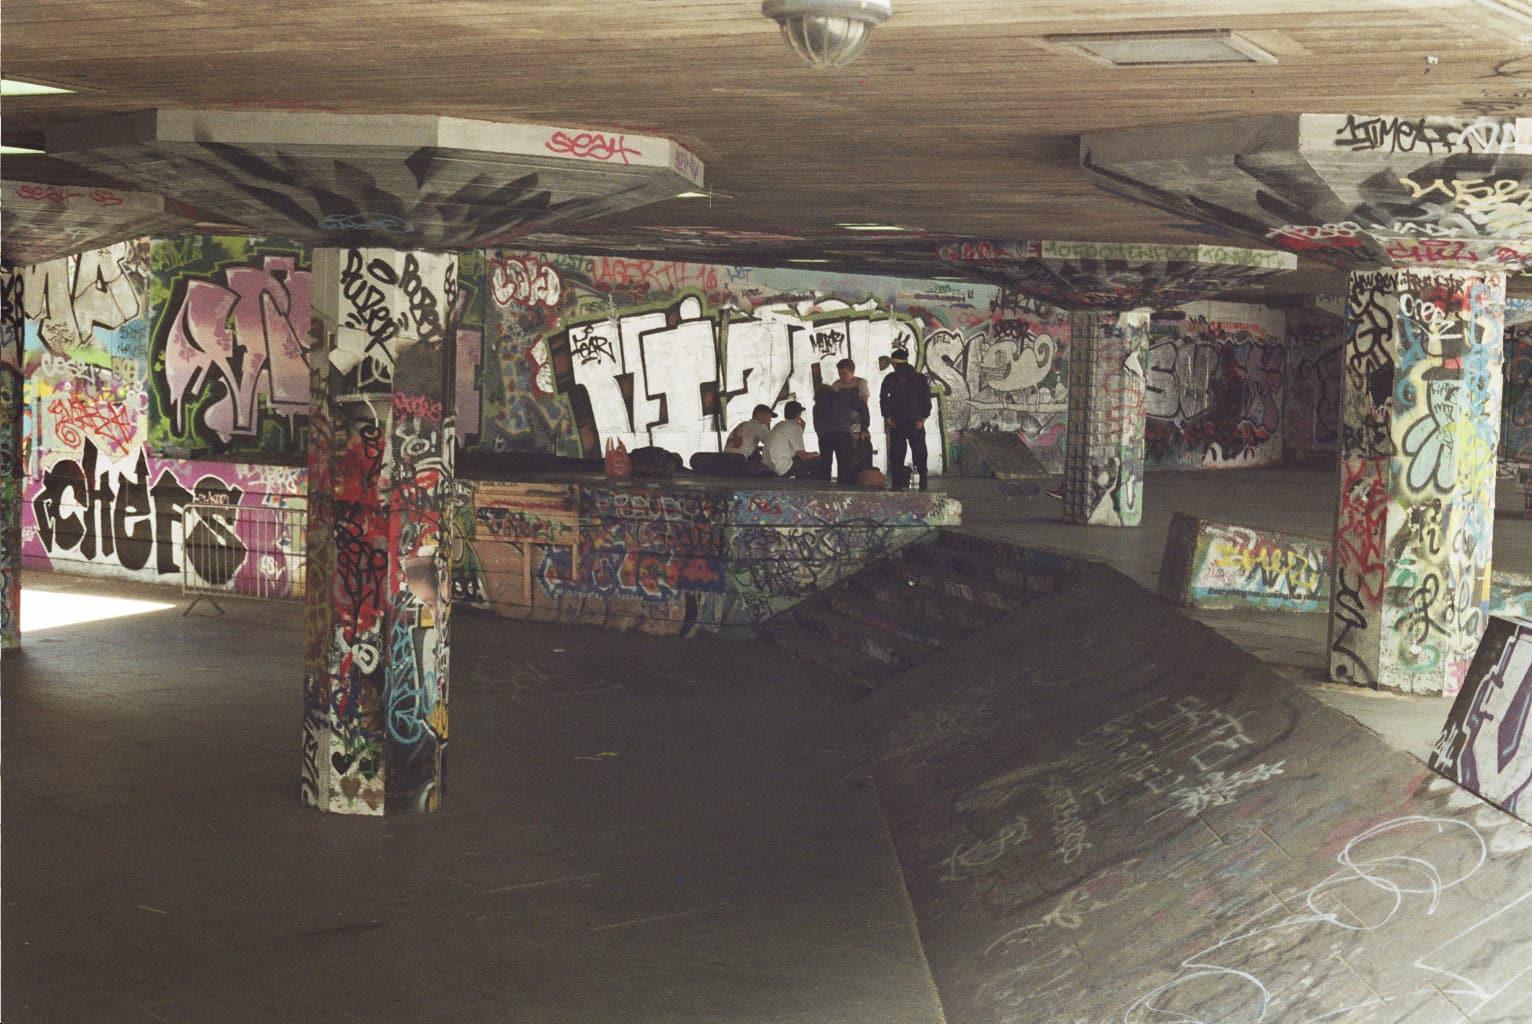 https://www.flickr.com/photos/waltjabsco/